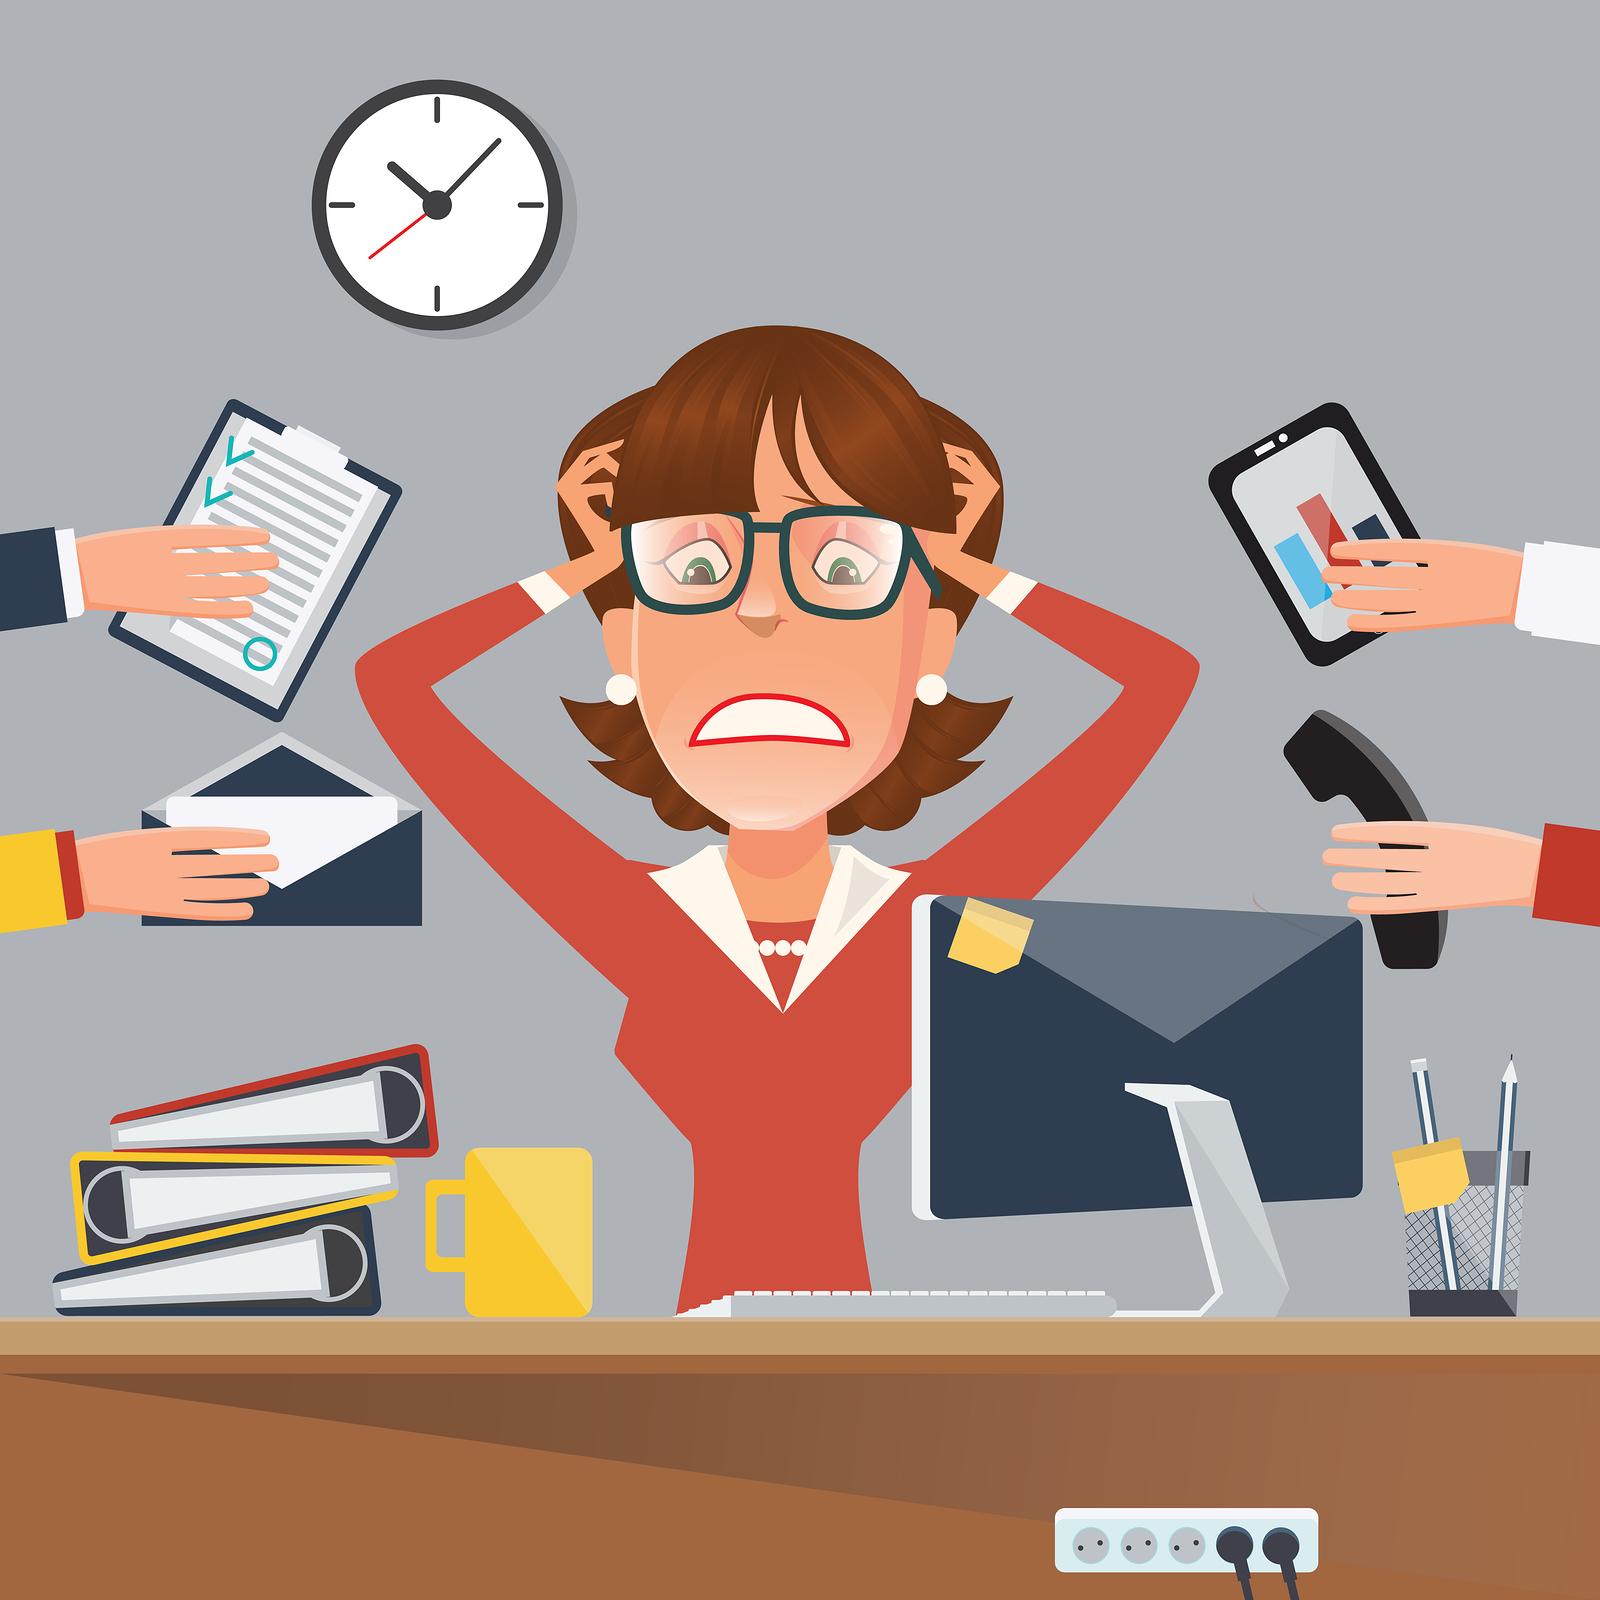 1-زمانی که استرس سپر شما در مقابل ابتلا به این بیماری میشود2-زمانی که داشتن استرس از ابتلای شما به این بیماری مرگبار جلوگیری میکند3-زمانهایی که استرس داشتن برای سلامت بدن مفید میشود